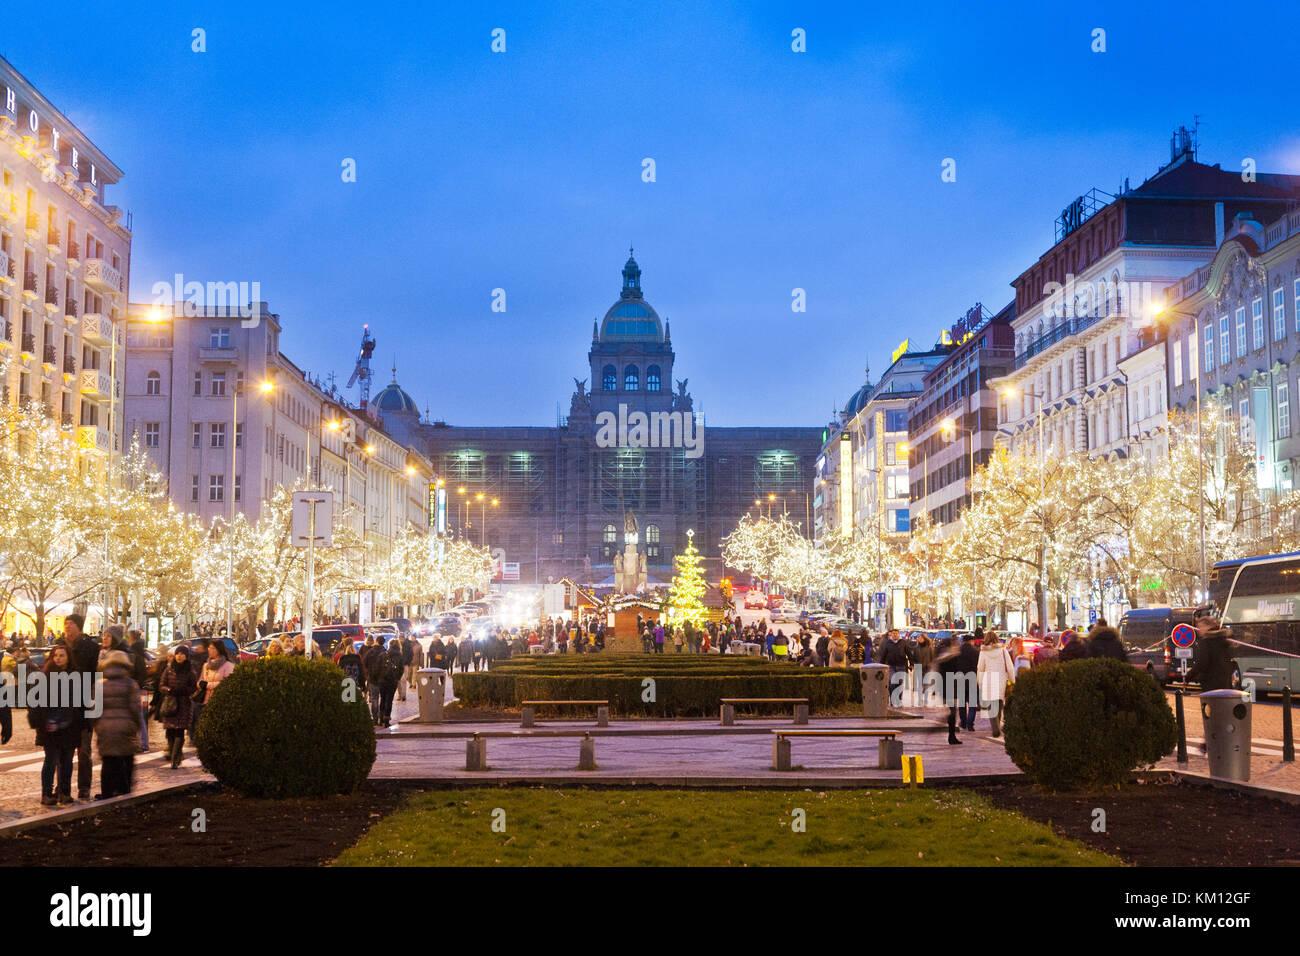 famous christmas market, National museum, Wenceslas square, Old Town, Prague, Czech Republic - Stock Image